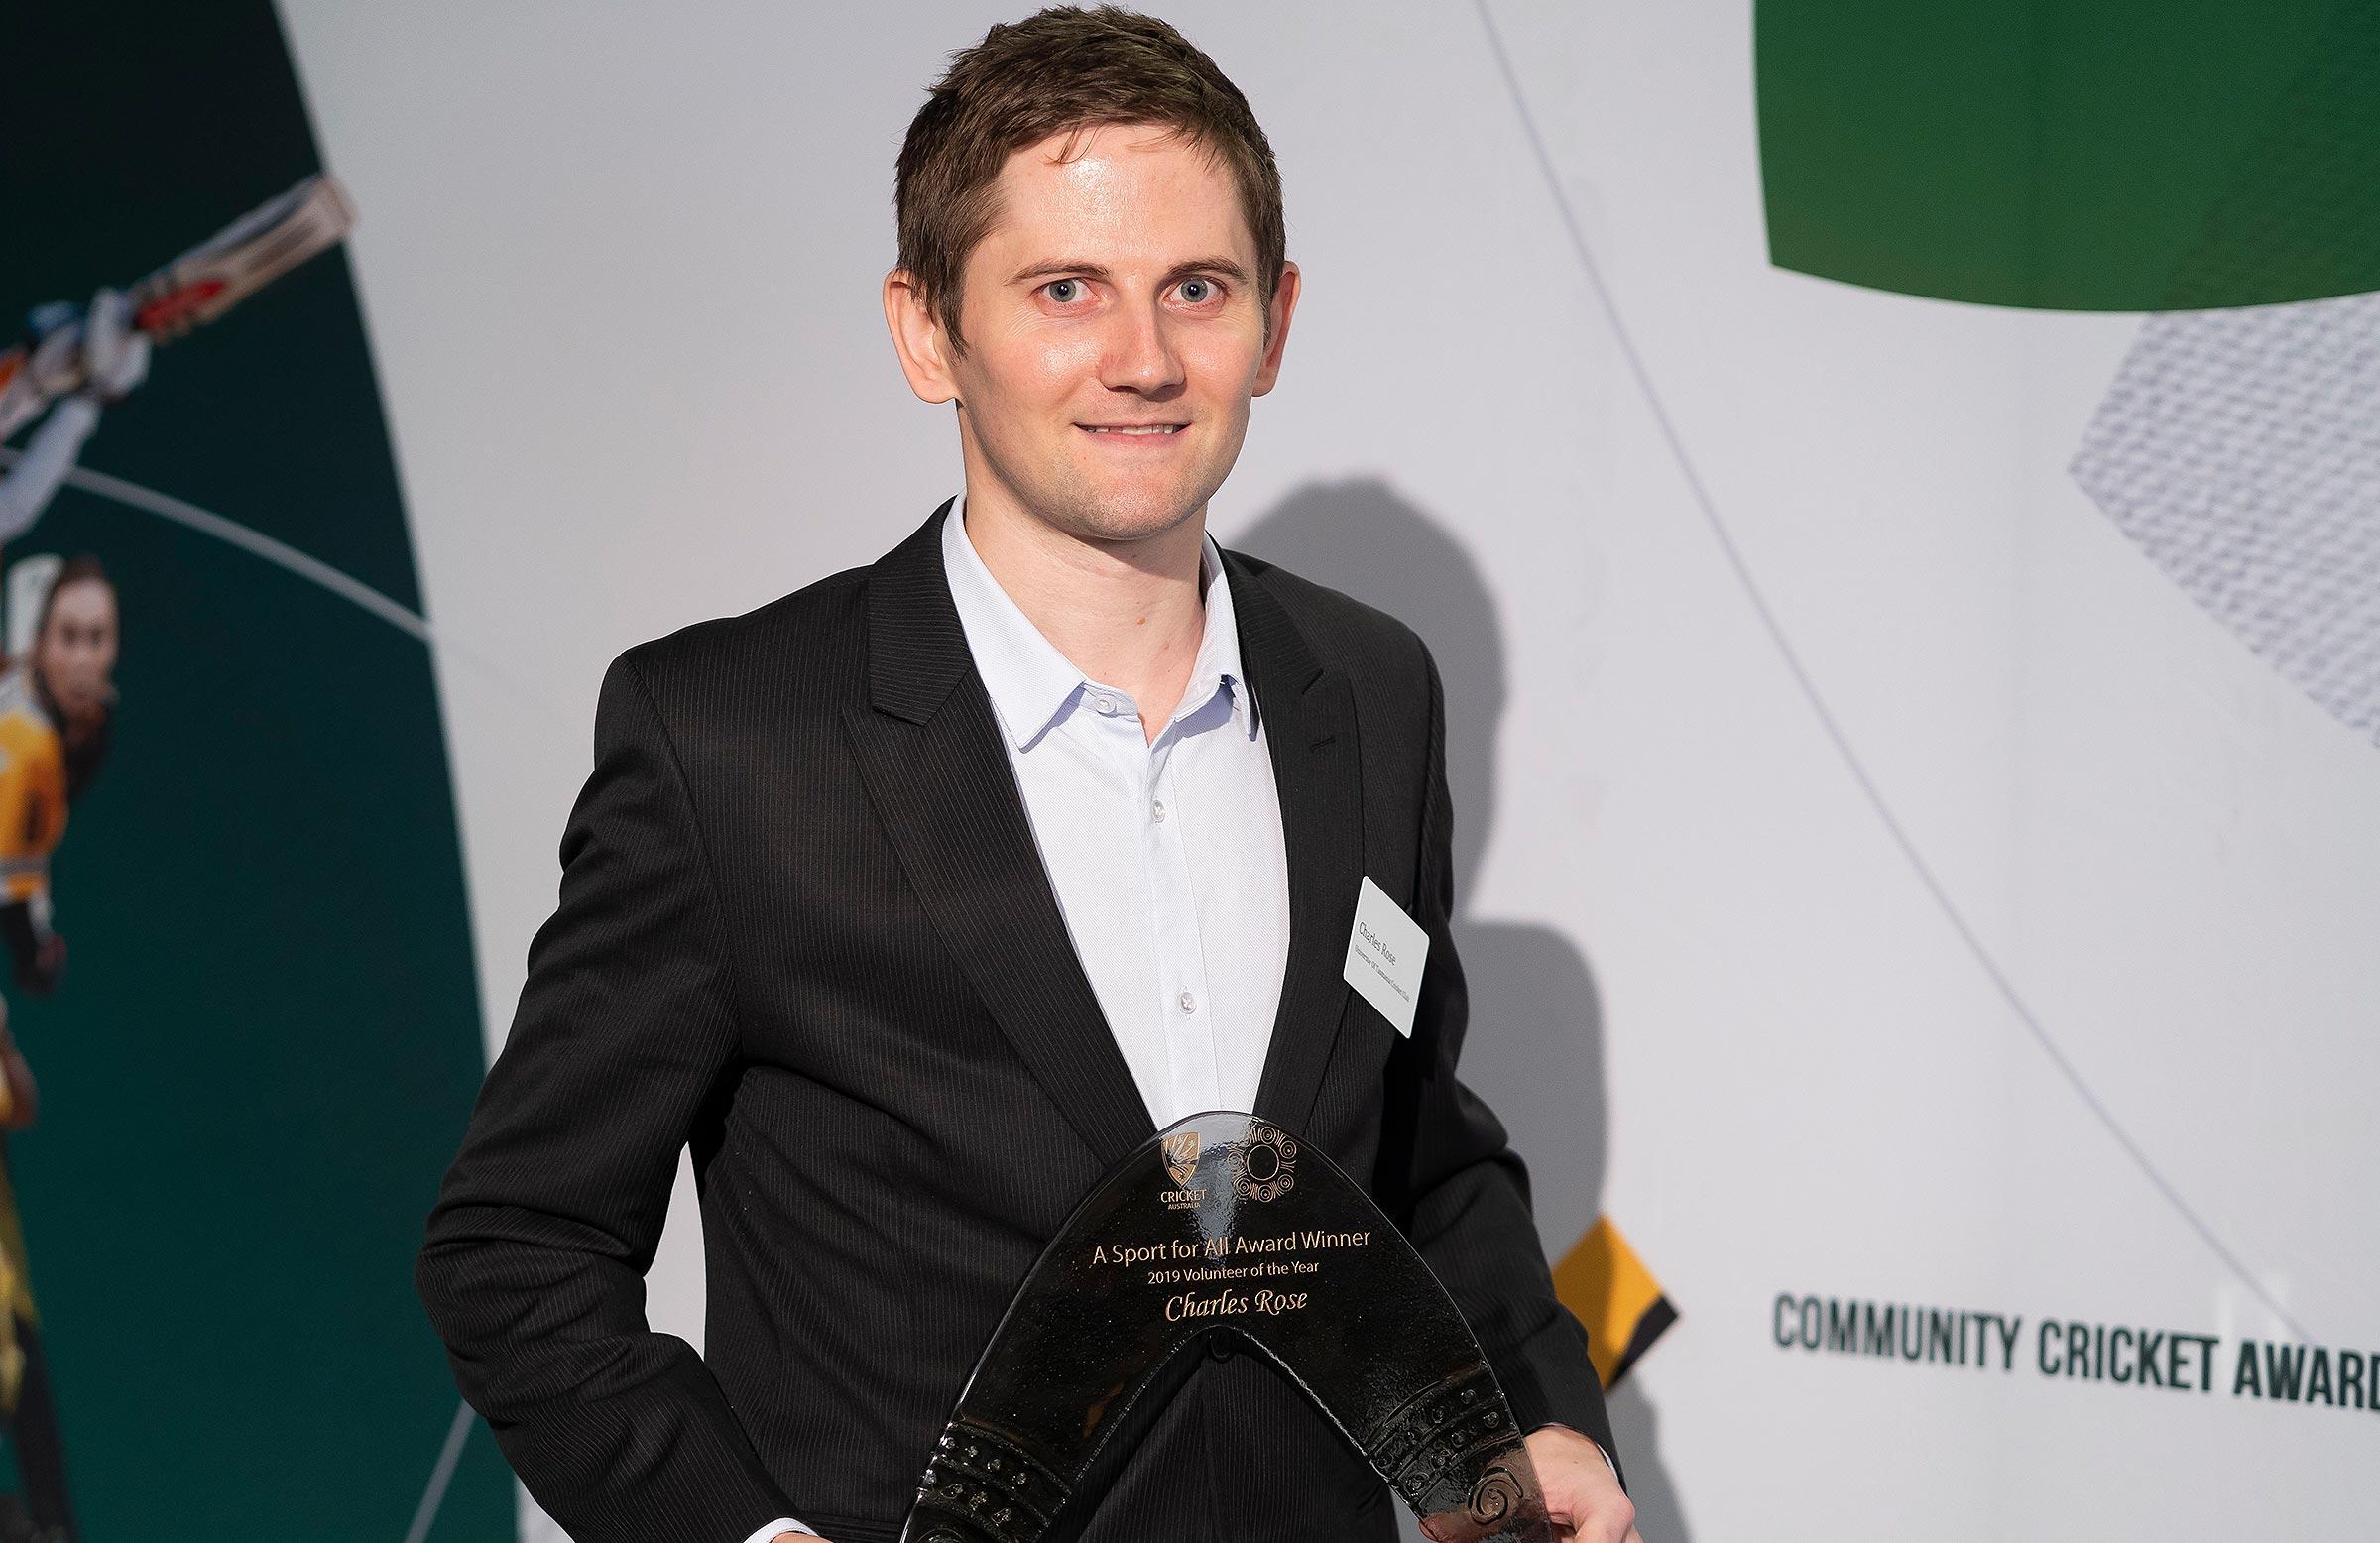 Volunteer of the Year, Charles Rose